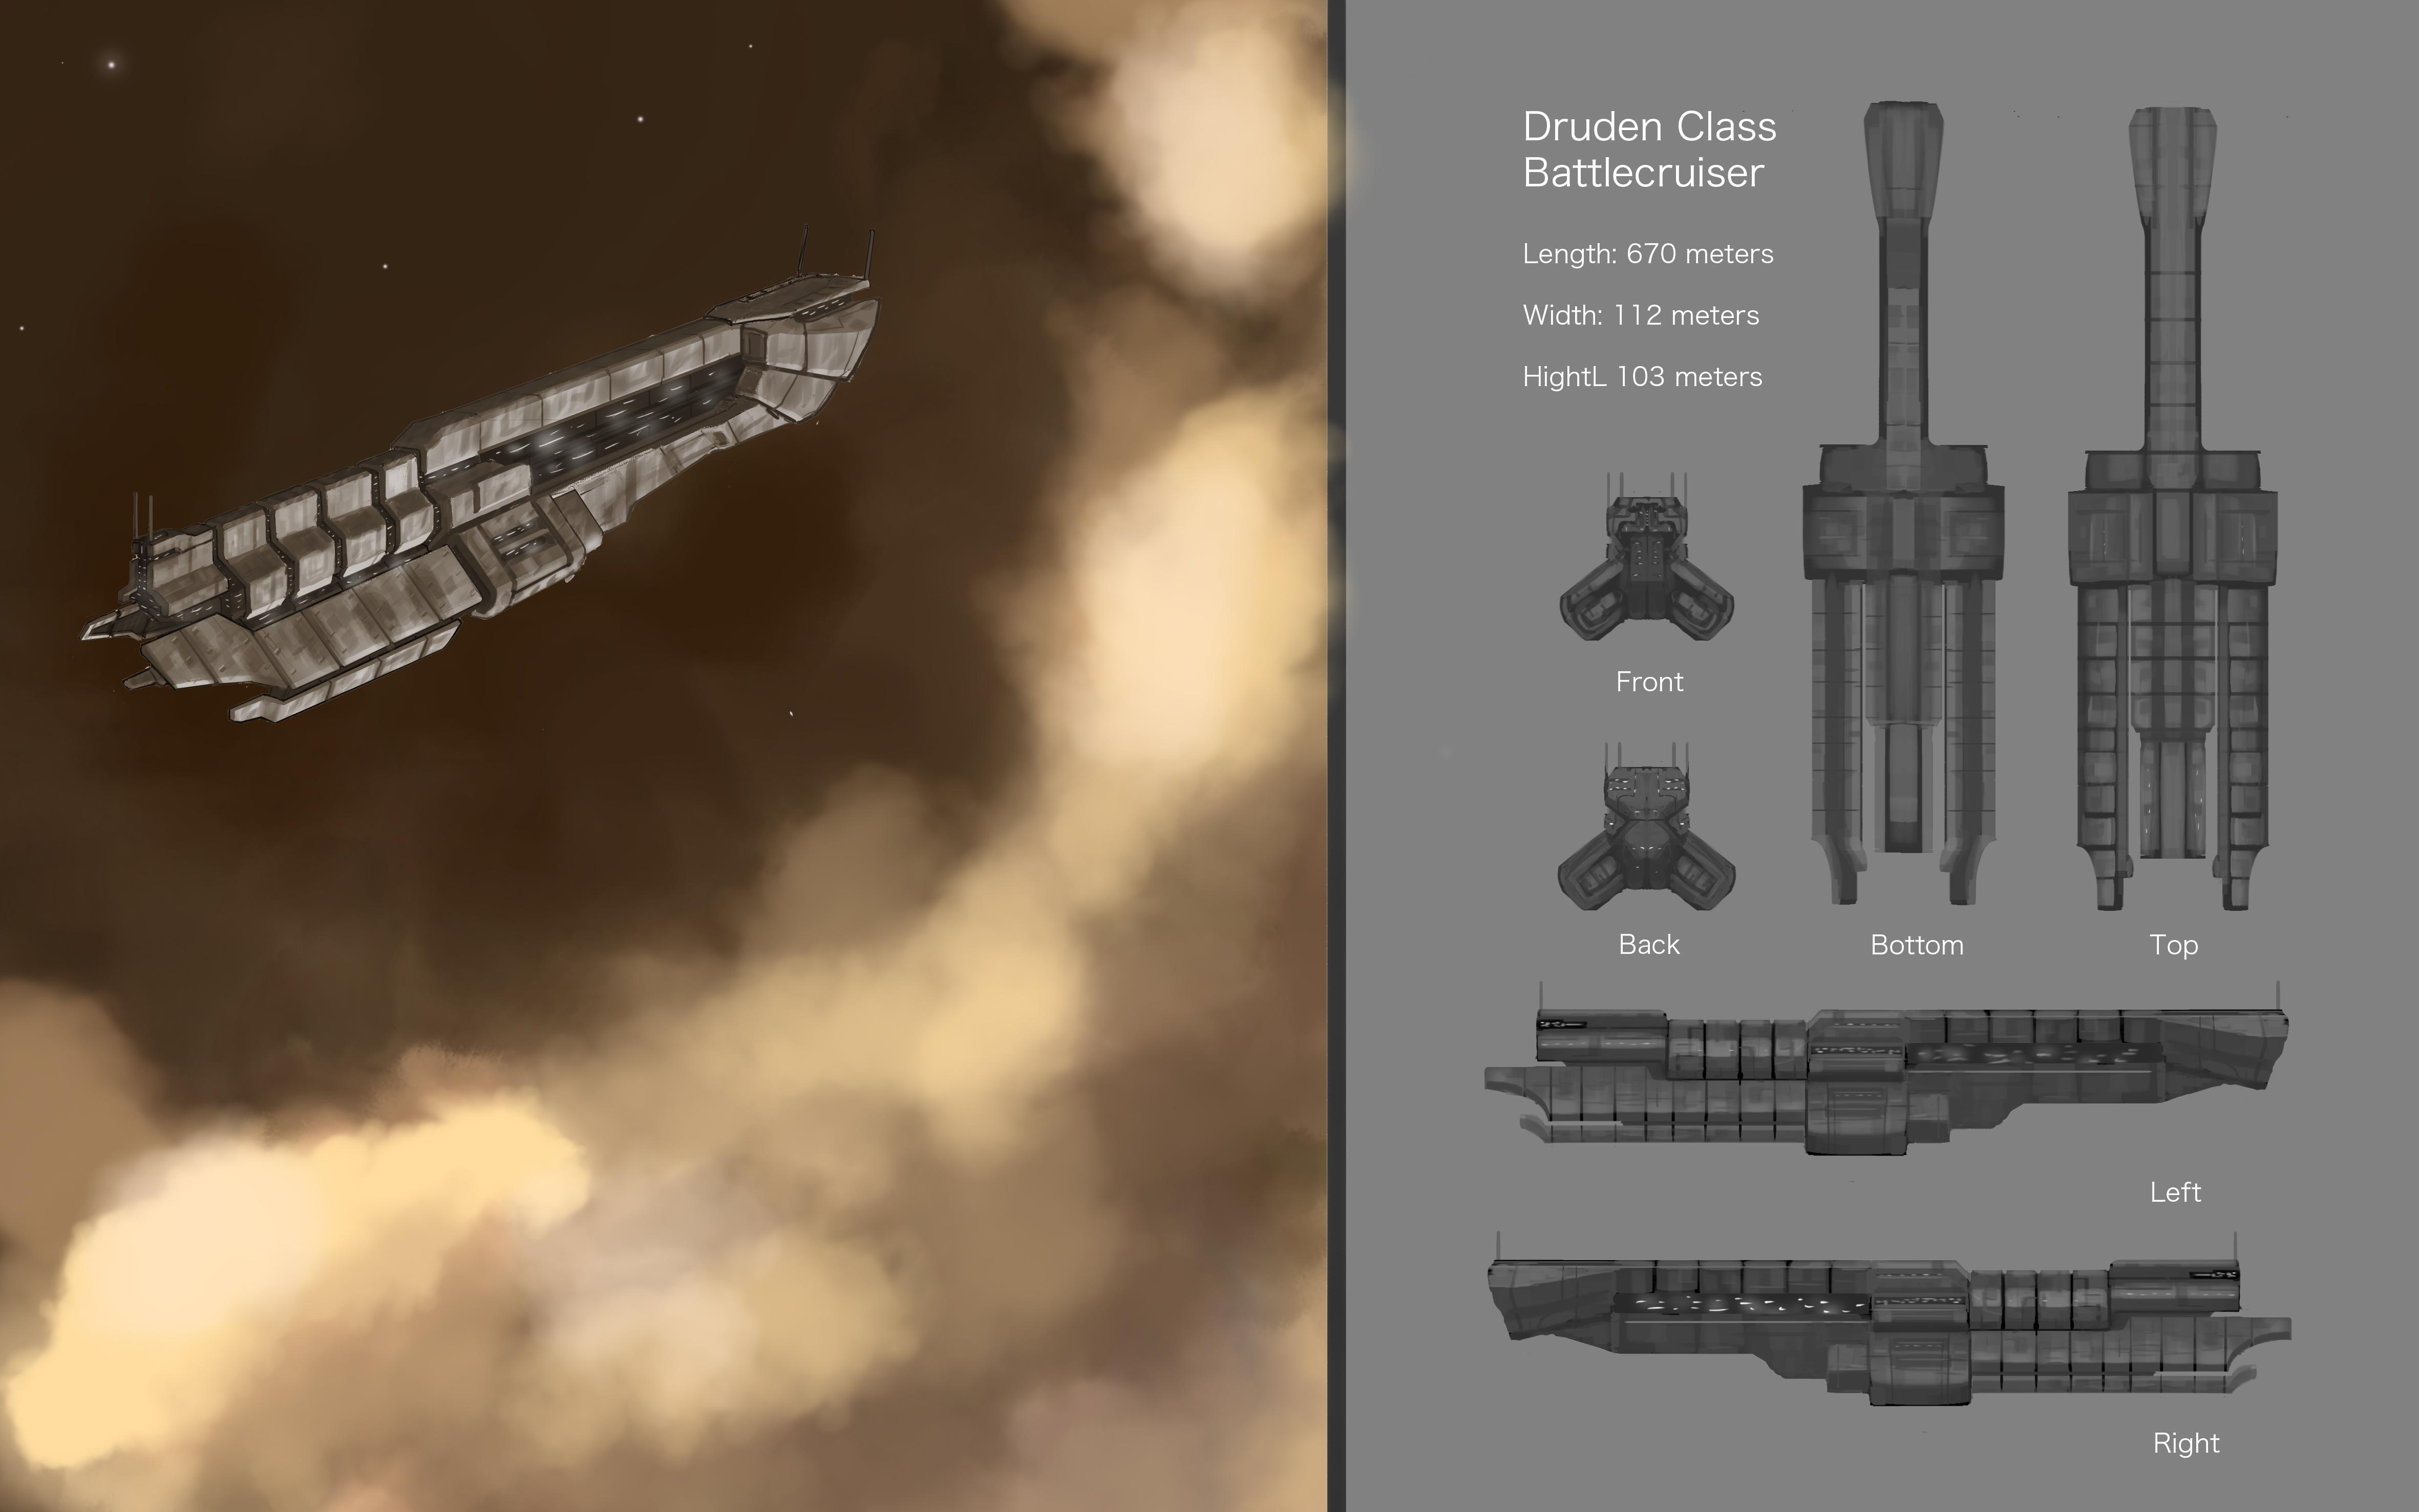 Druden Class Battlecruiser by ModalMechanica